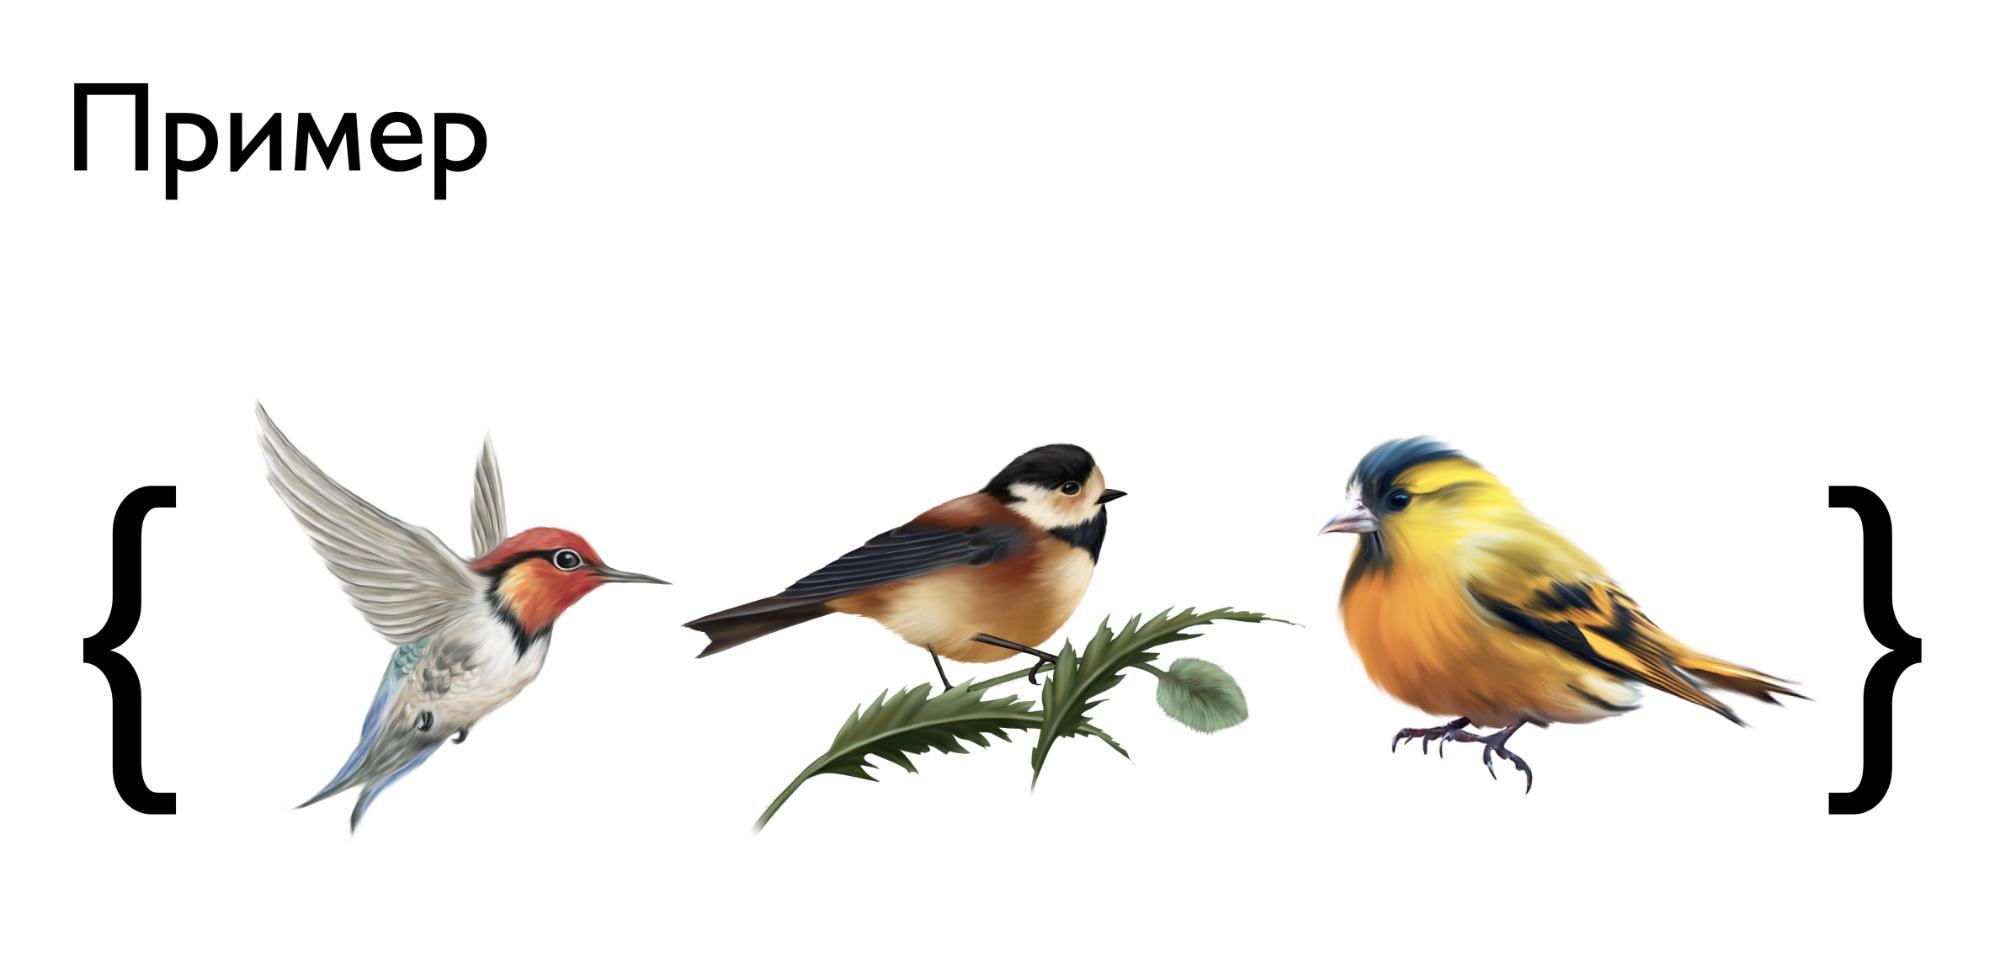 Когда я рассказывал, как оформлять элементы множеств, вместо чисел показывал на слайде птиц